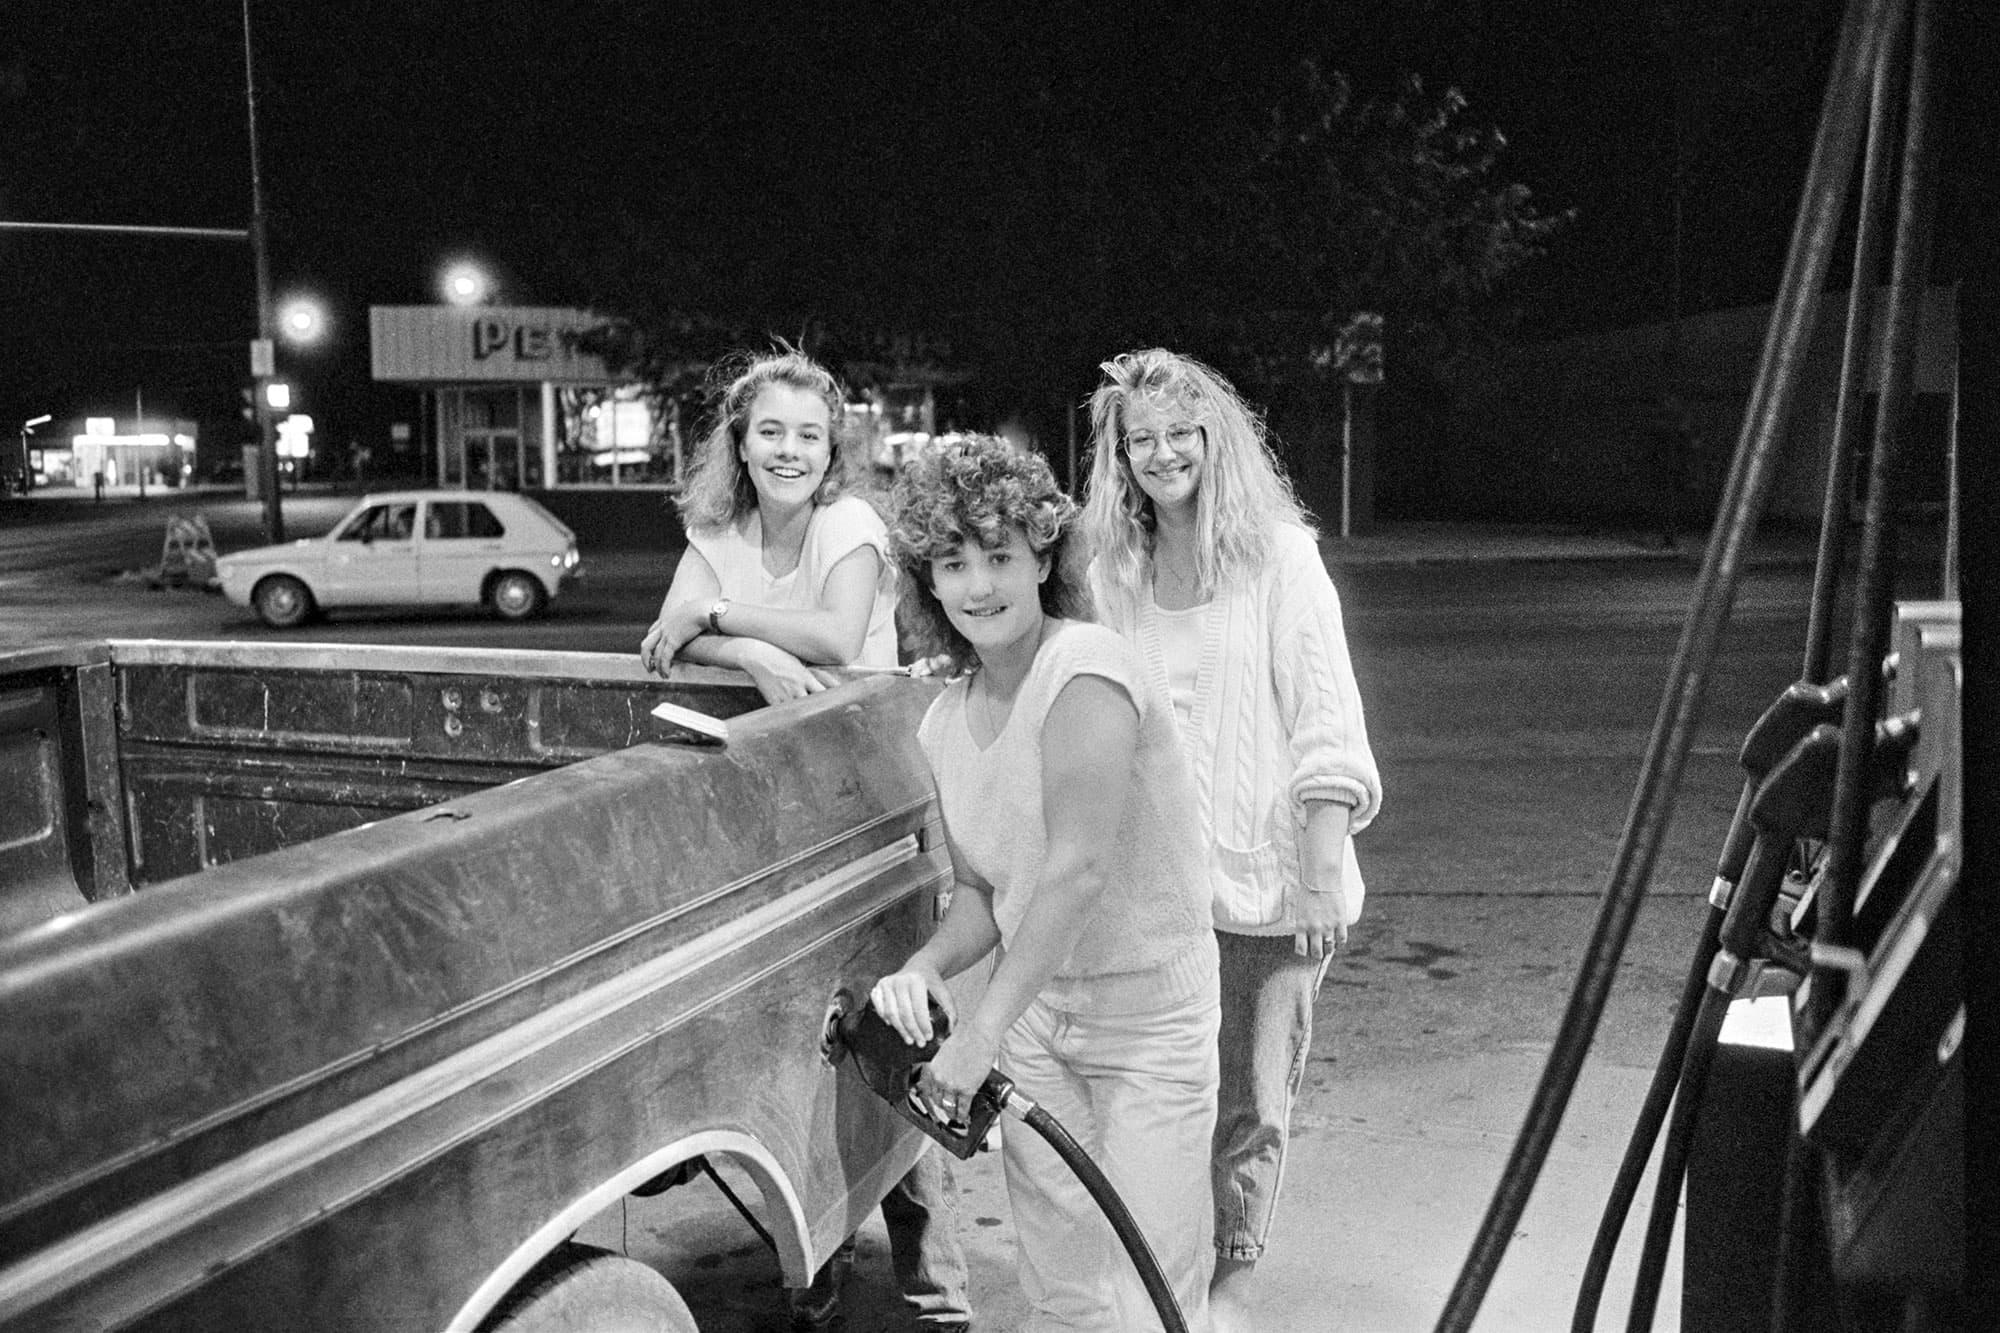 arthur-lazar-Gas-Station-Oklahoma-1997